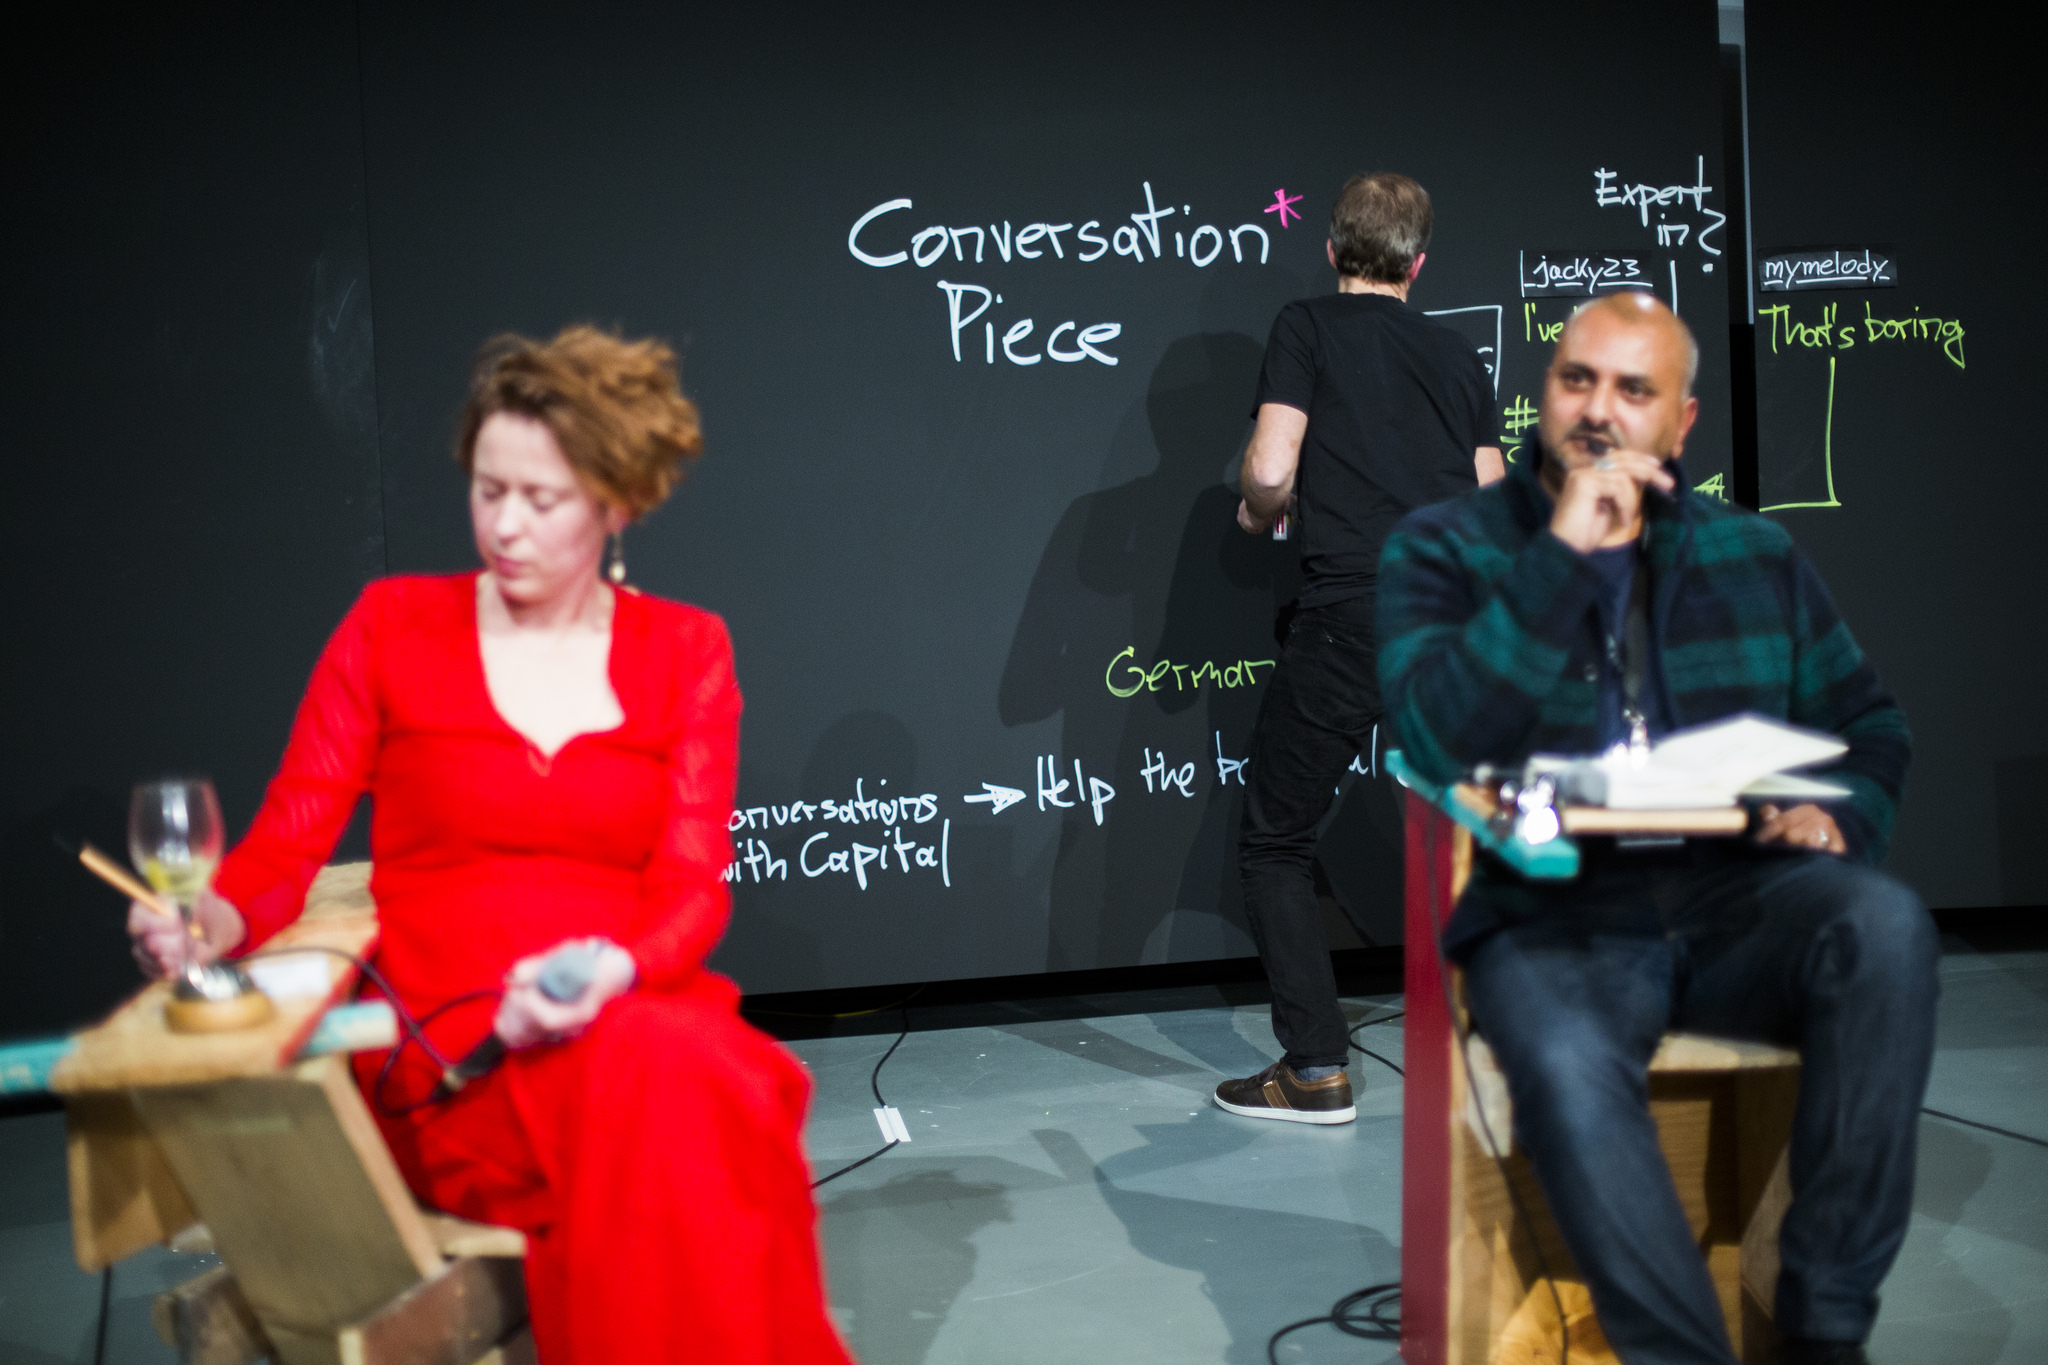 Transmediale, Conversation piece, dokumentacja wydarzenia